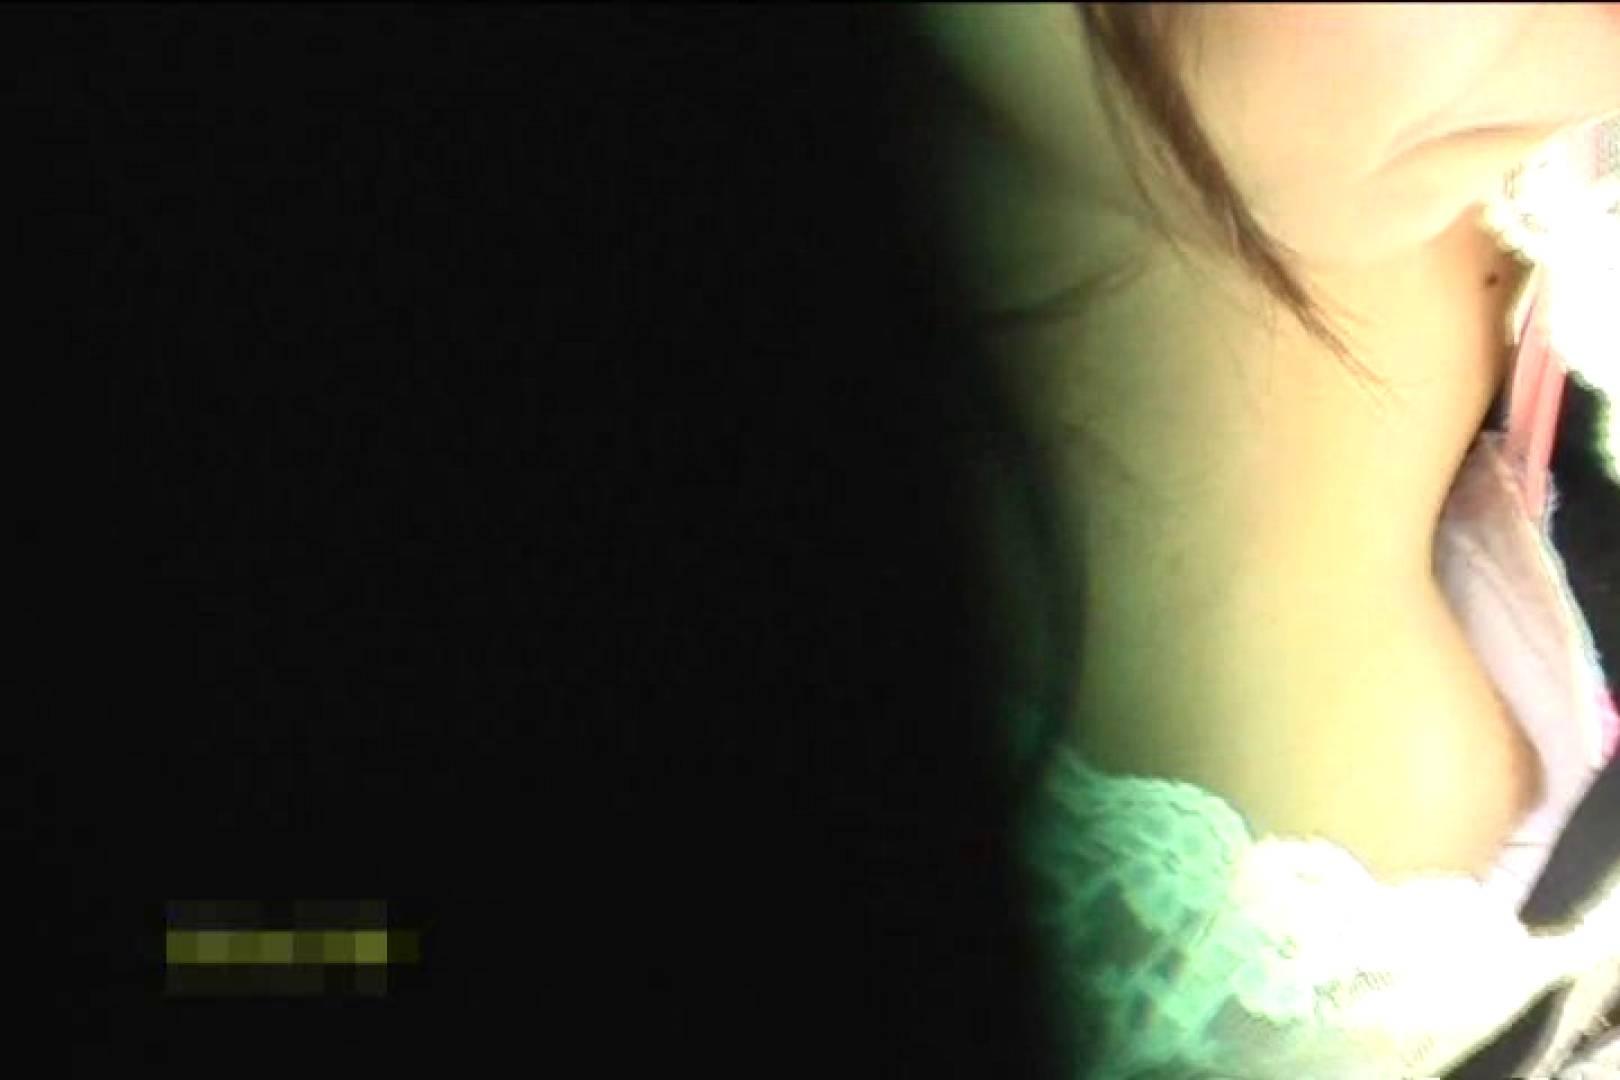 胸チラはもらった~!!胸元争奪戦!!Vol.5 チラ   エロティックなOL  60画像 1